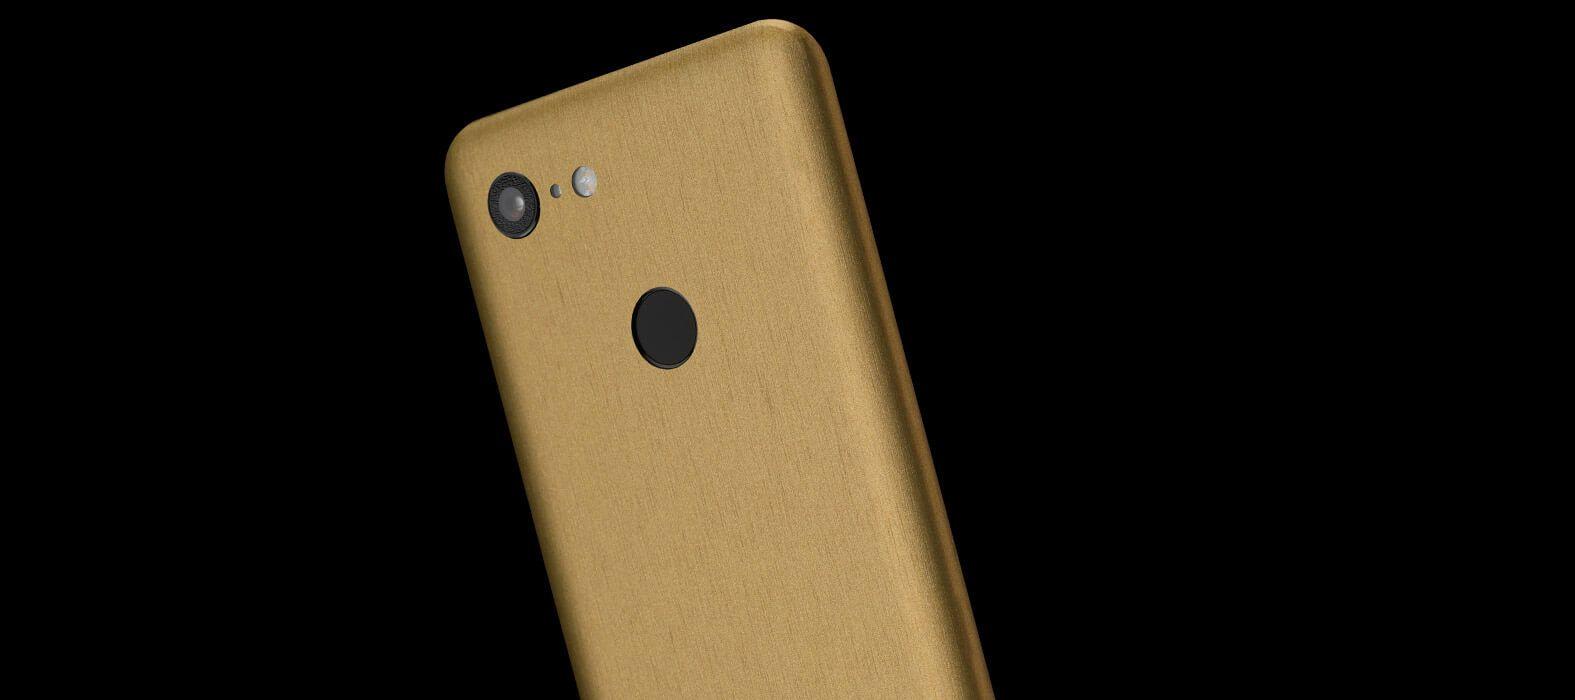 Pixel-3-XL_Brushed-Gold_Skins